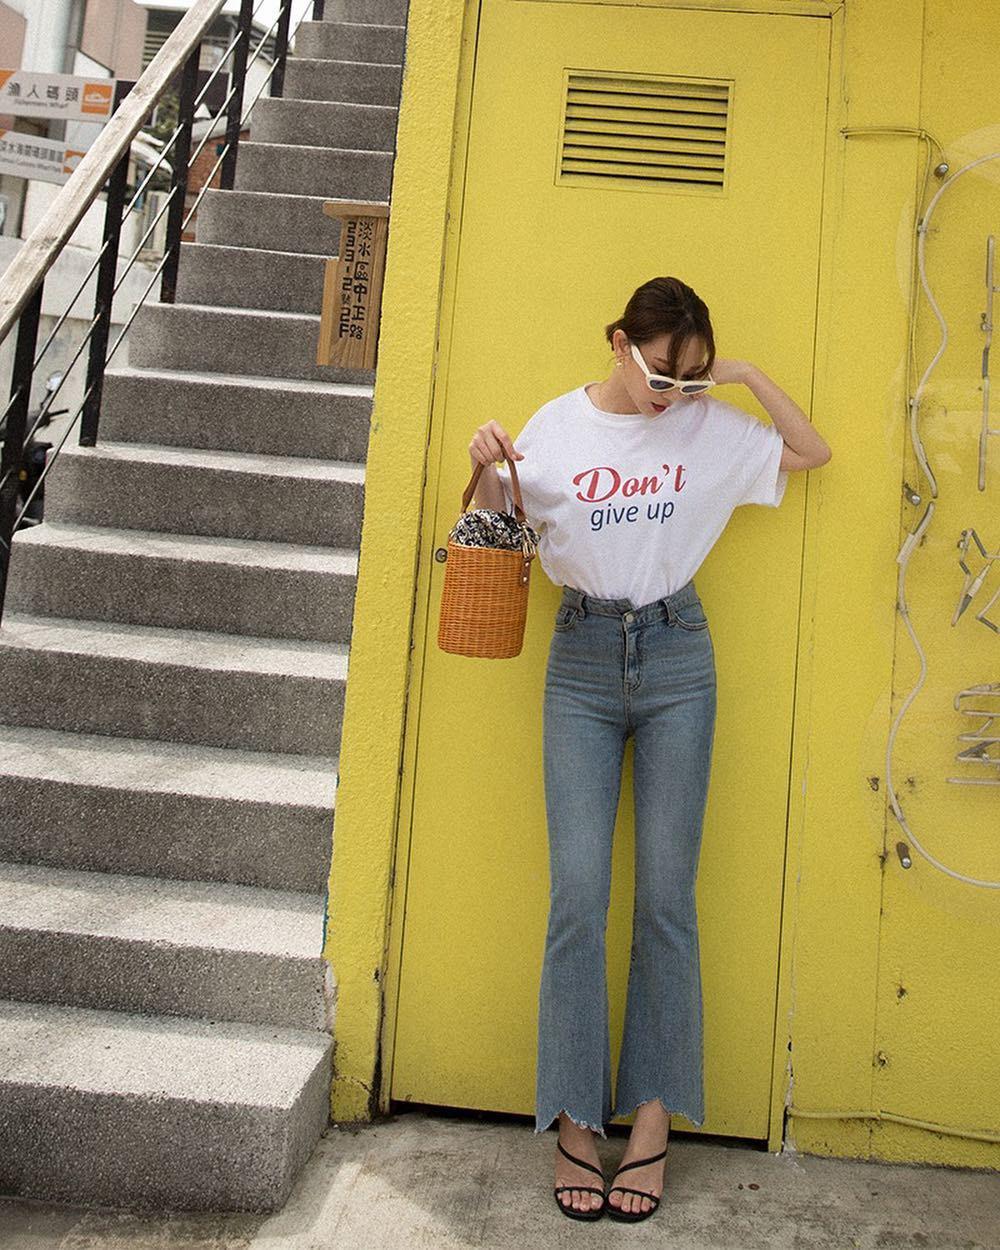 Bảo chứng cho vẻ sành điệu là combo áo phông – quần jeans với 15 ý tưởng diện mãi không biết chán này  - Ảnh 7.